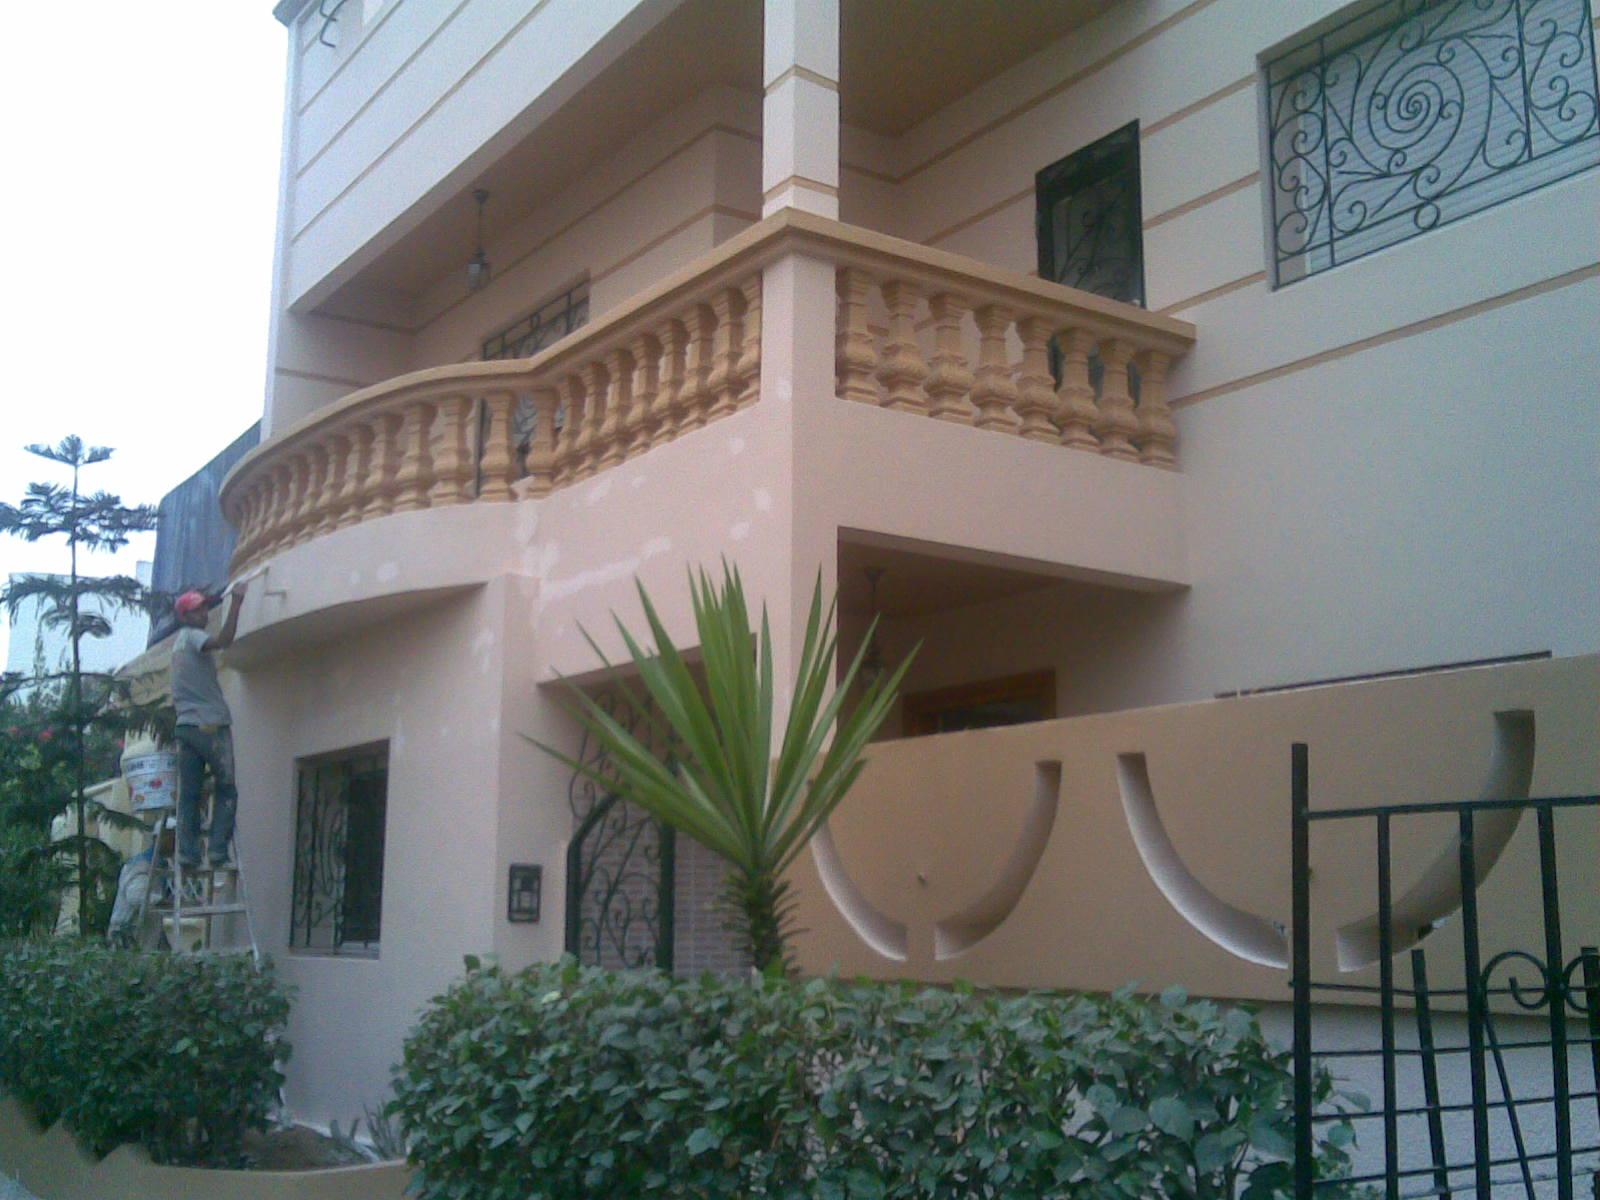 #4E677D Vente Villa à Casablanca Maroc Etage Villa à Vendre à  3871 salle a manger pas cher au maroc 1600x1200 px @ aertt.com